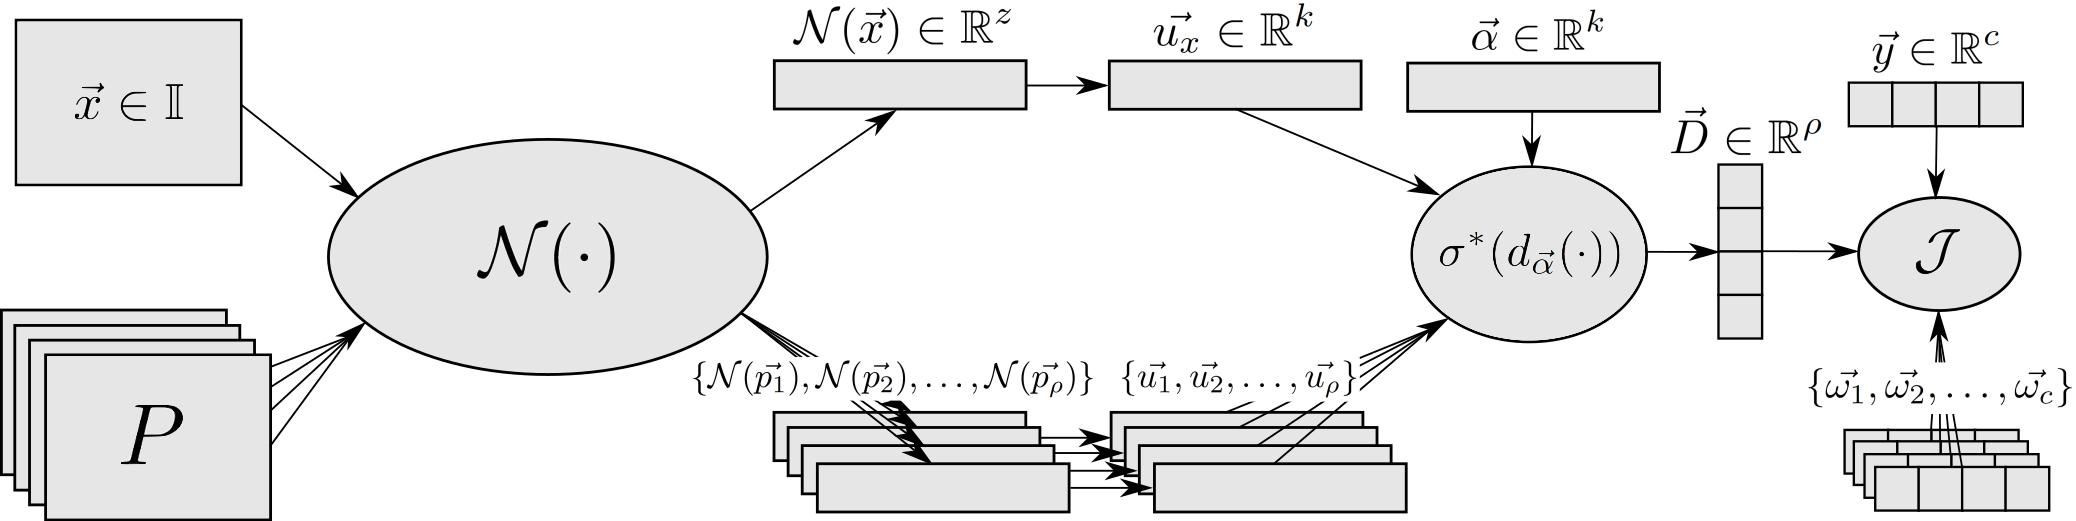 この図は、抽象化されたネットワークNを中心に構築されたIUPG学習フレームワークのコンポーネントを示しています。詳細は、著者らの元論文「Innocent Until Proven Guilty (IUPG): Building Deep Learning Models with Embedded Robustness to Out-of-Distribution Content」」に掲載されていますのでご参照ください。